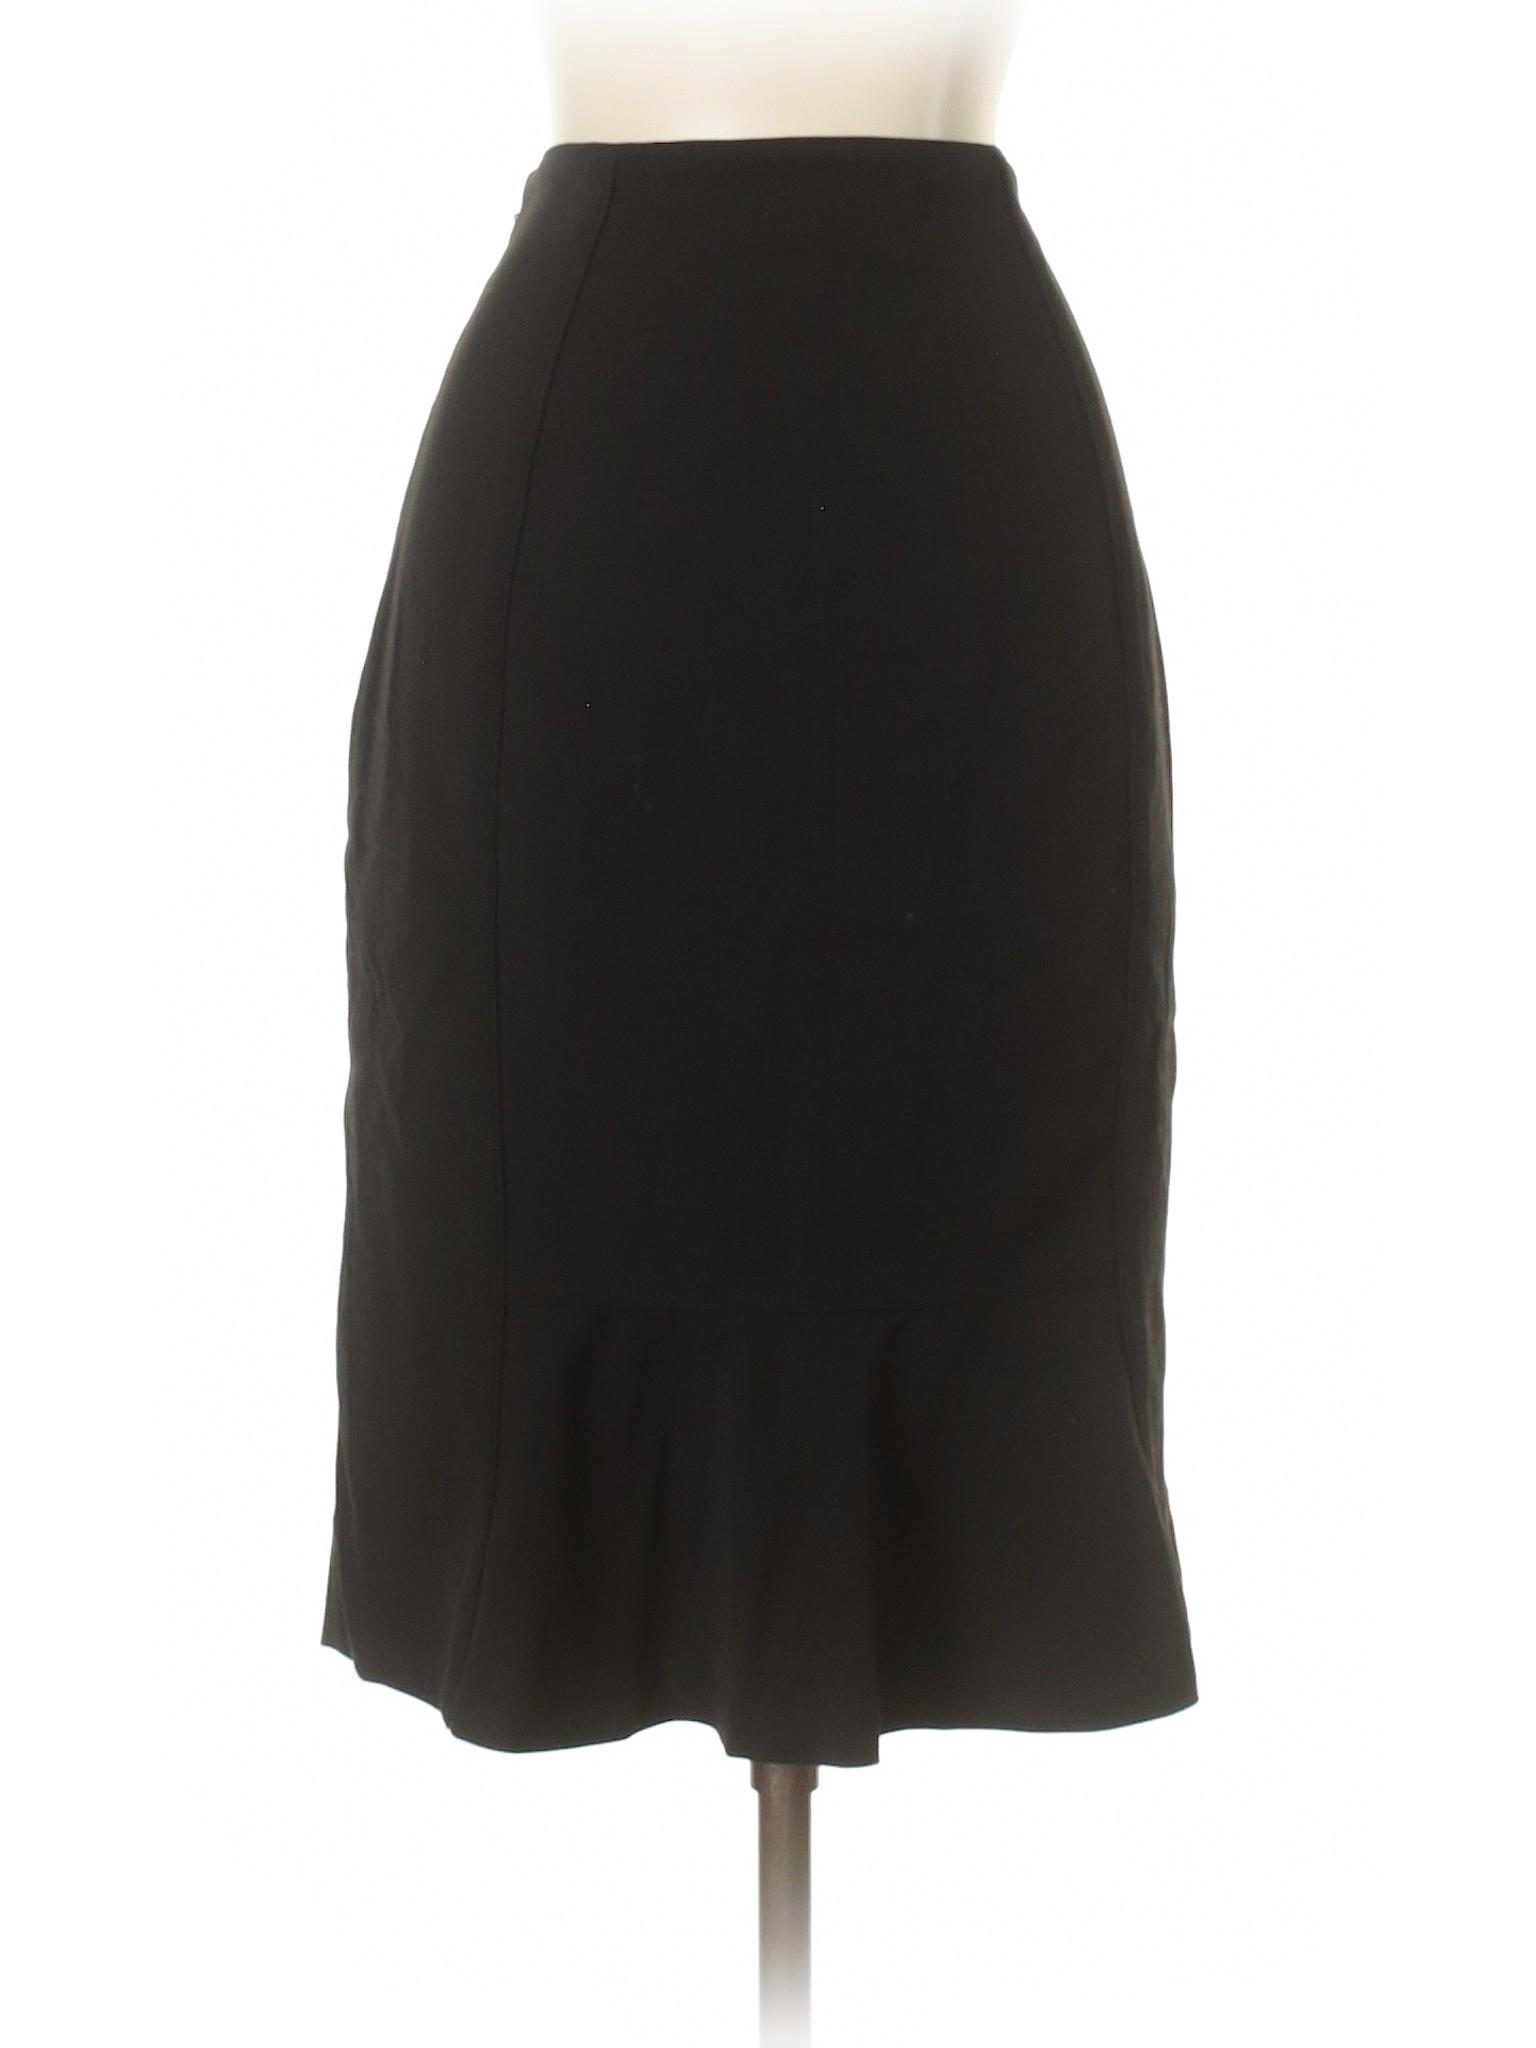 White Casual Leisure House Skirt Market Black winter Zxpvw8qO